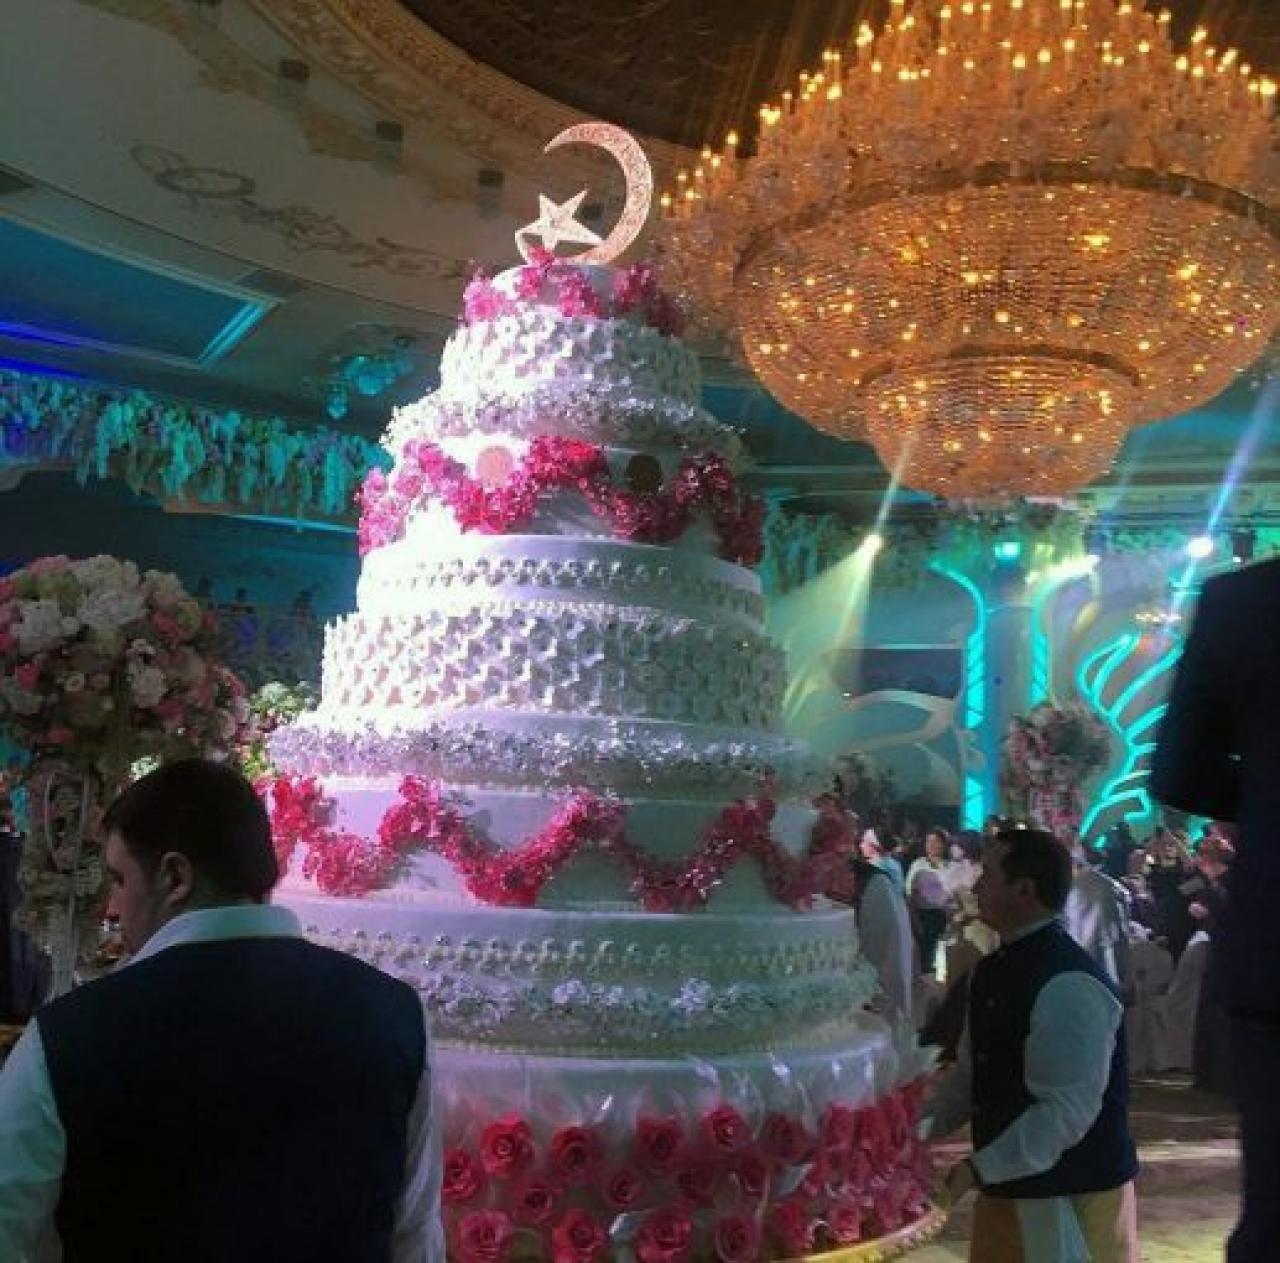 JLo y Enrique Iglesias sorprendieron al cantar en una boda